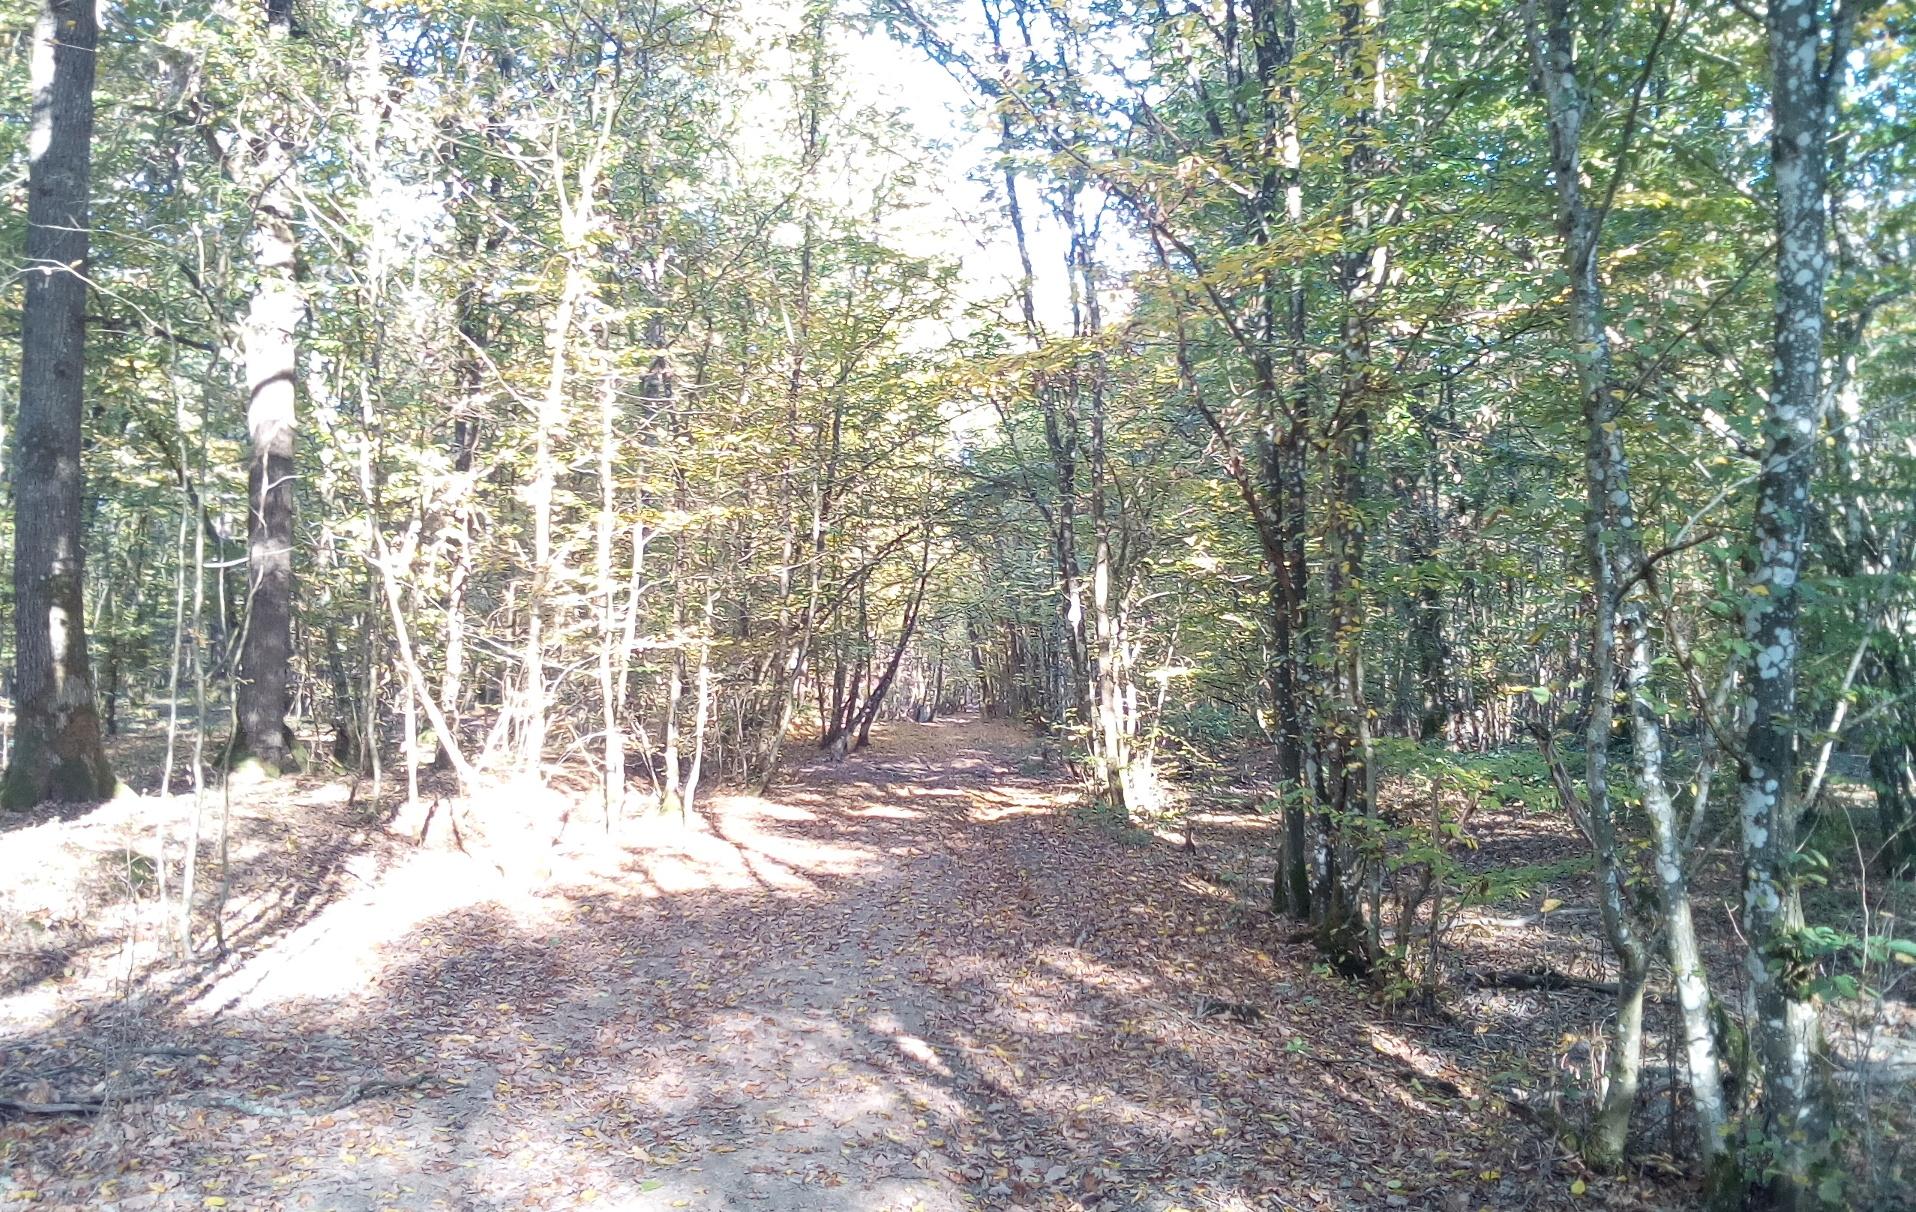 Chemin de la promenade vers le chêne à l'image, dans le bois de Petithan